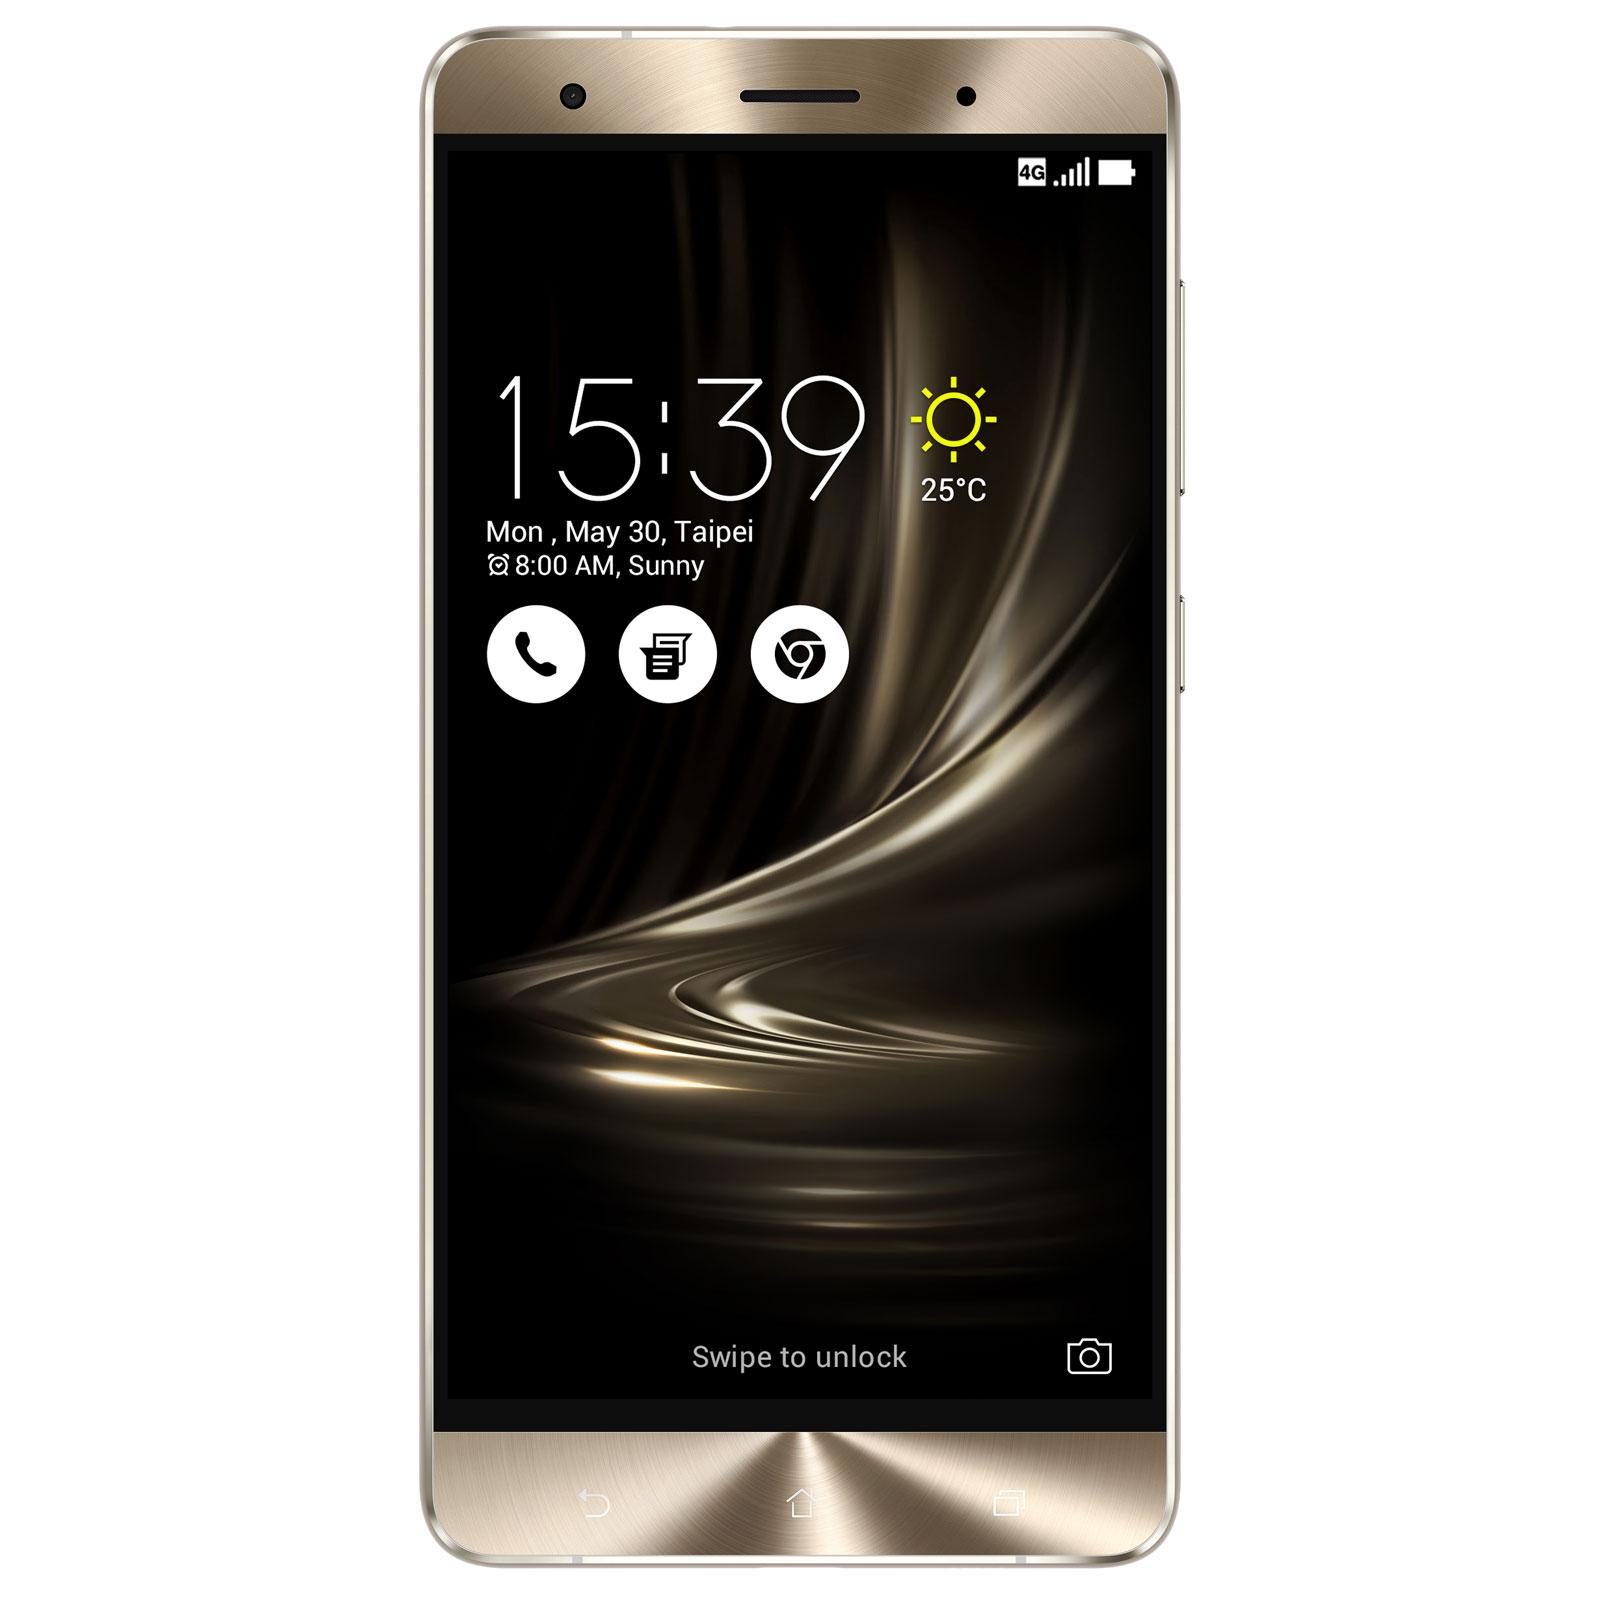 """Smartphone 5.7""""Asus Zenfone 3 Deluxe ZS570KL Argent - Full HD, Snapdragon 821, RAM 6 Go, ROM 64 Go"""